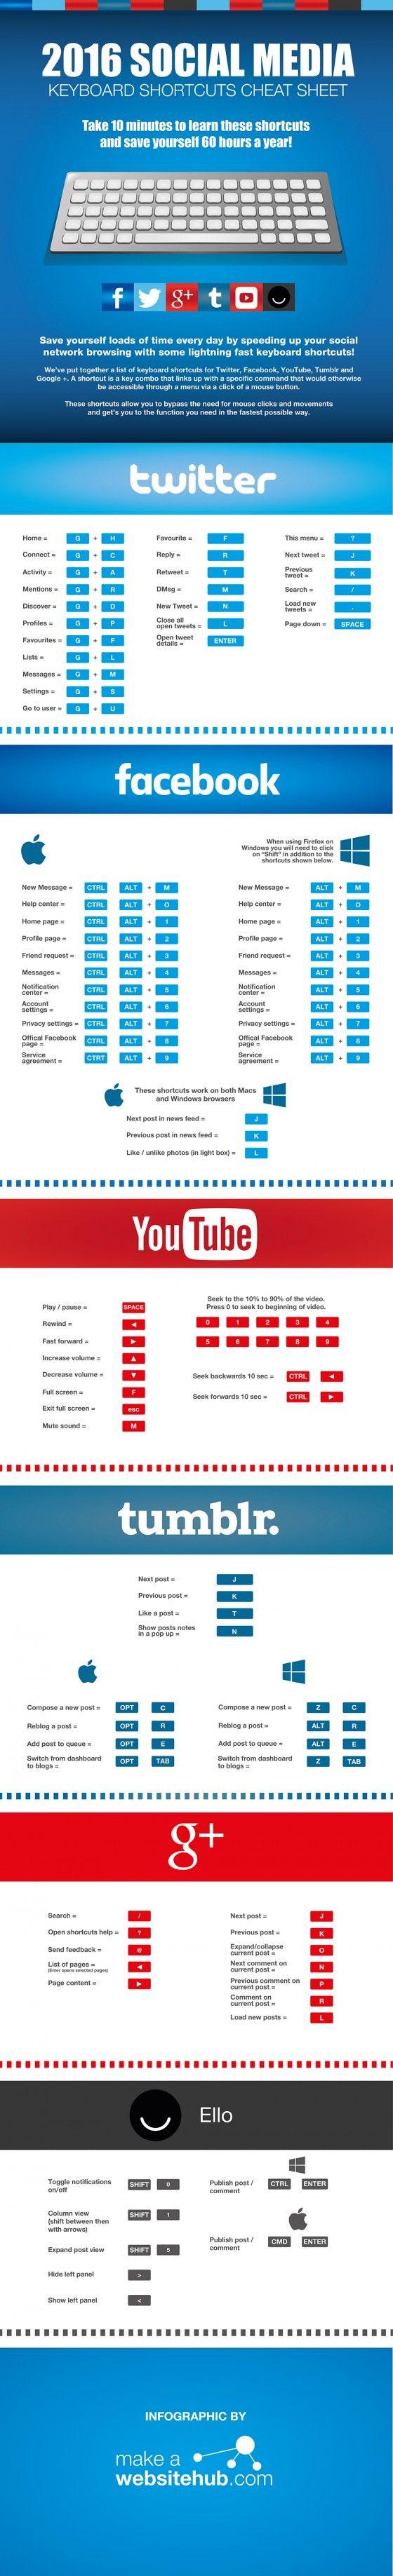 social-media-shortcuts-2016-2